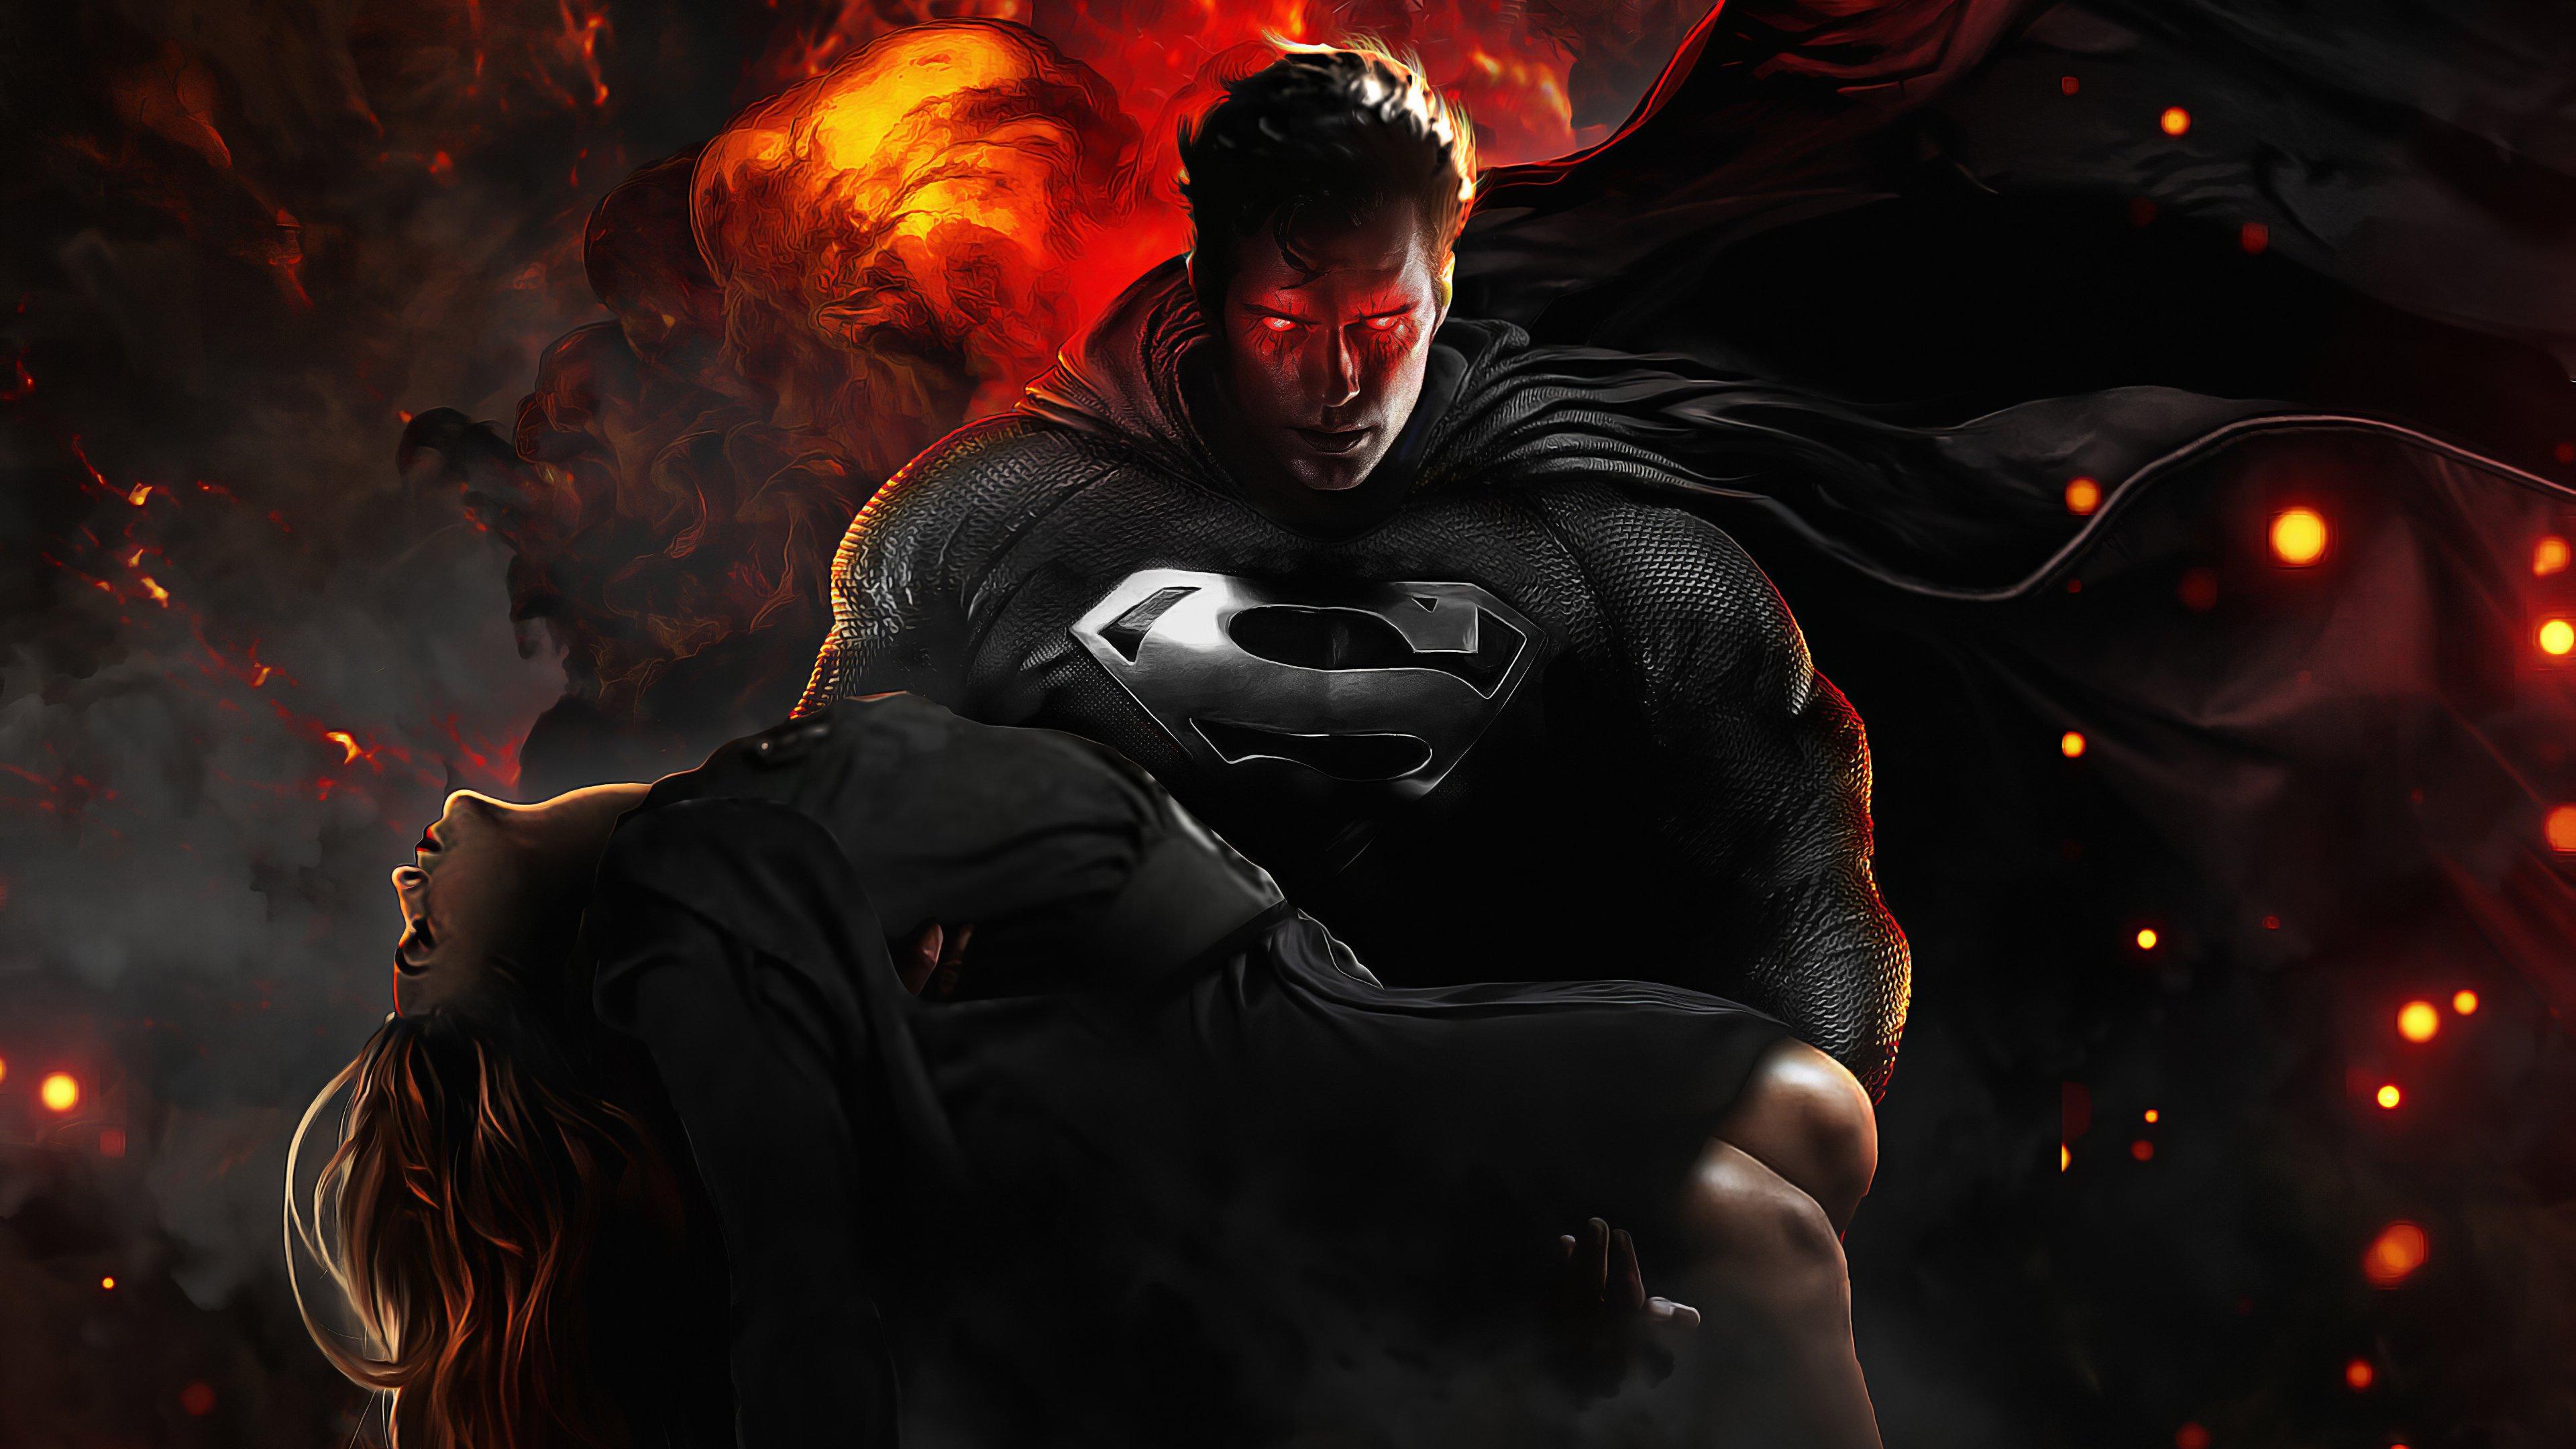 Fondos de pantalla Superman en Liga de la Justicia